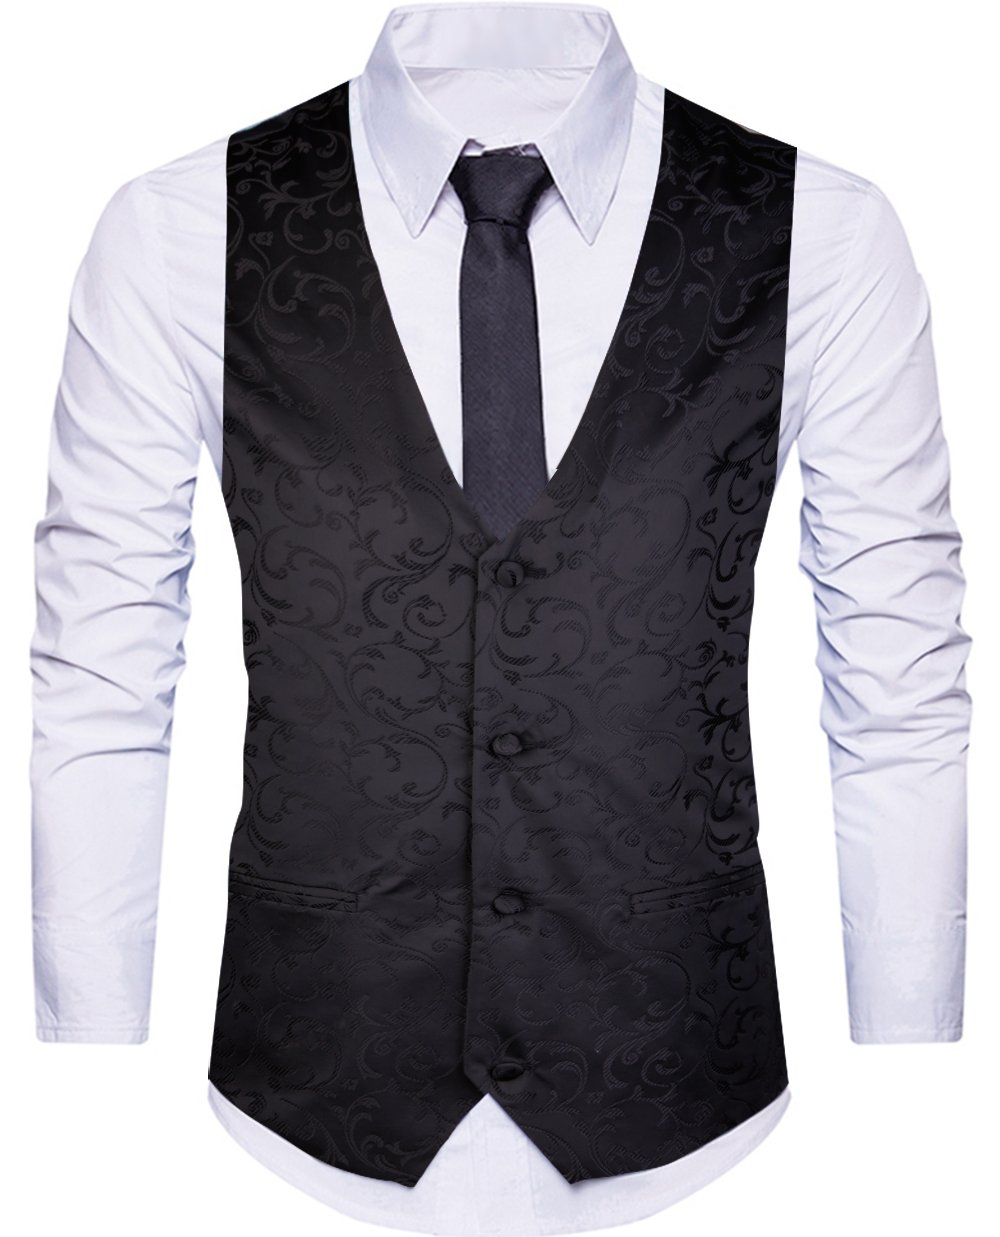 WANNEW Mens Suit Vest Business Dress Waistcoat Vests Paisley Vest for Suit or Tuxedo (Black, XXL)